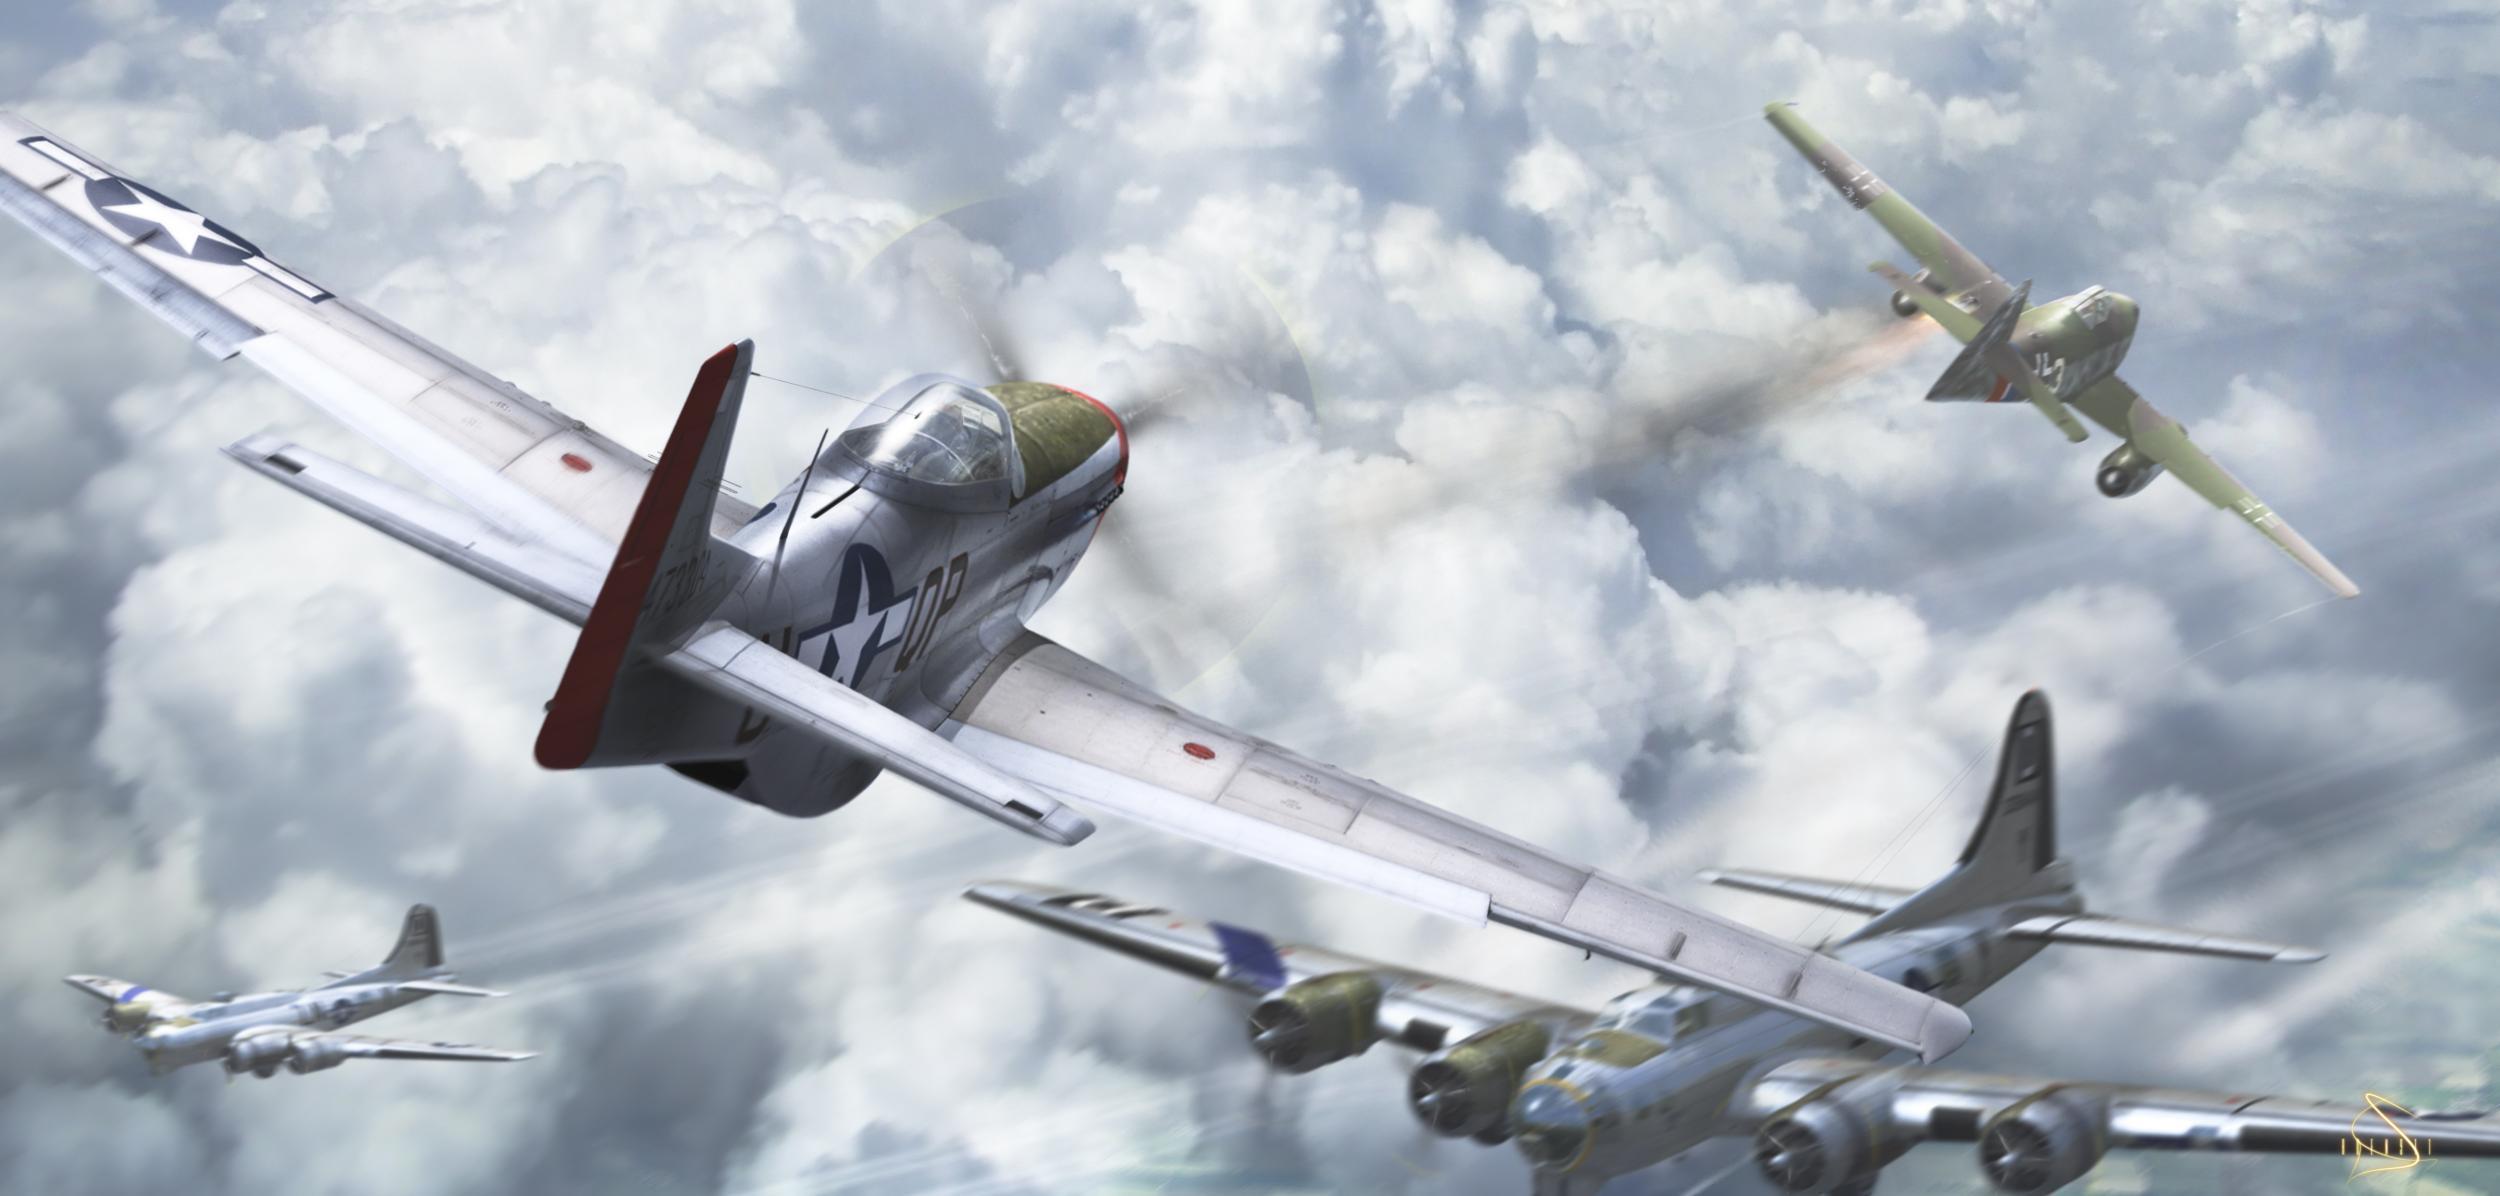 Messerschmitt Me 262 Wallpapers Wallpaper Cave